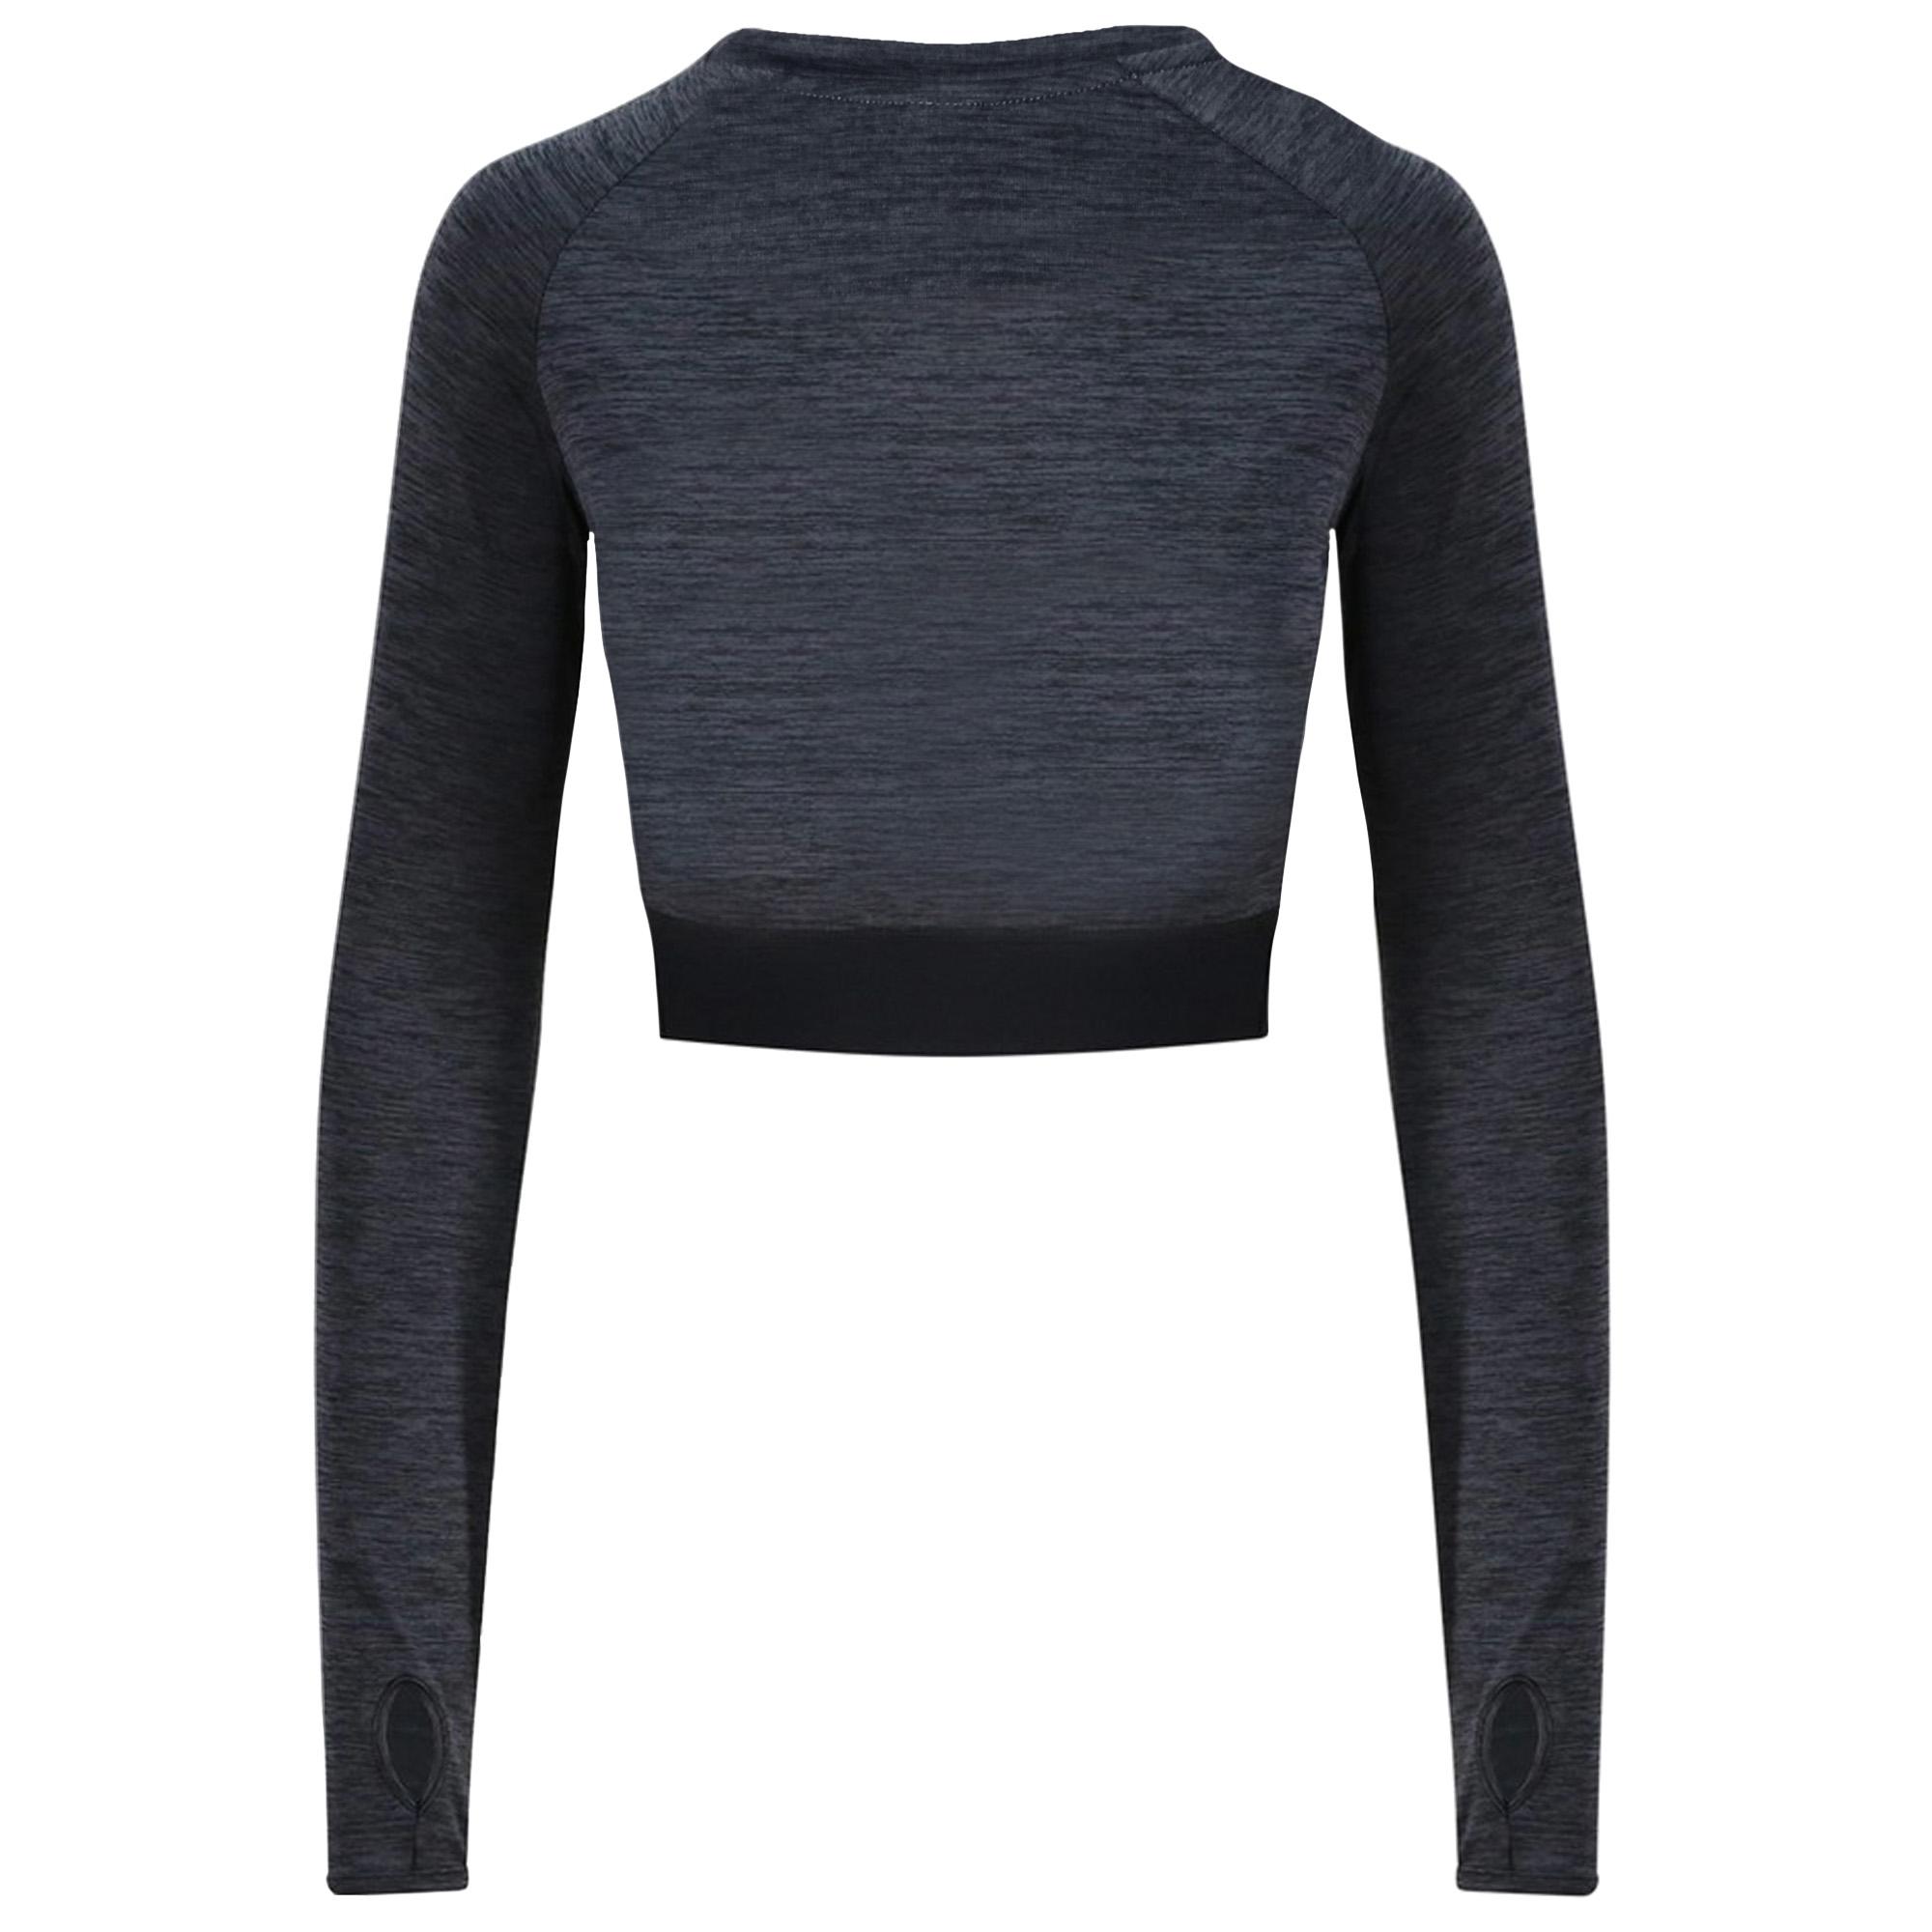 AWDis Just Cool Womens/Ladies Girlie Long-Sleeve Crop Top (L) (Jet Black)